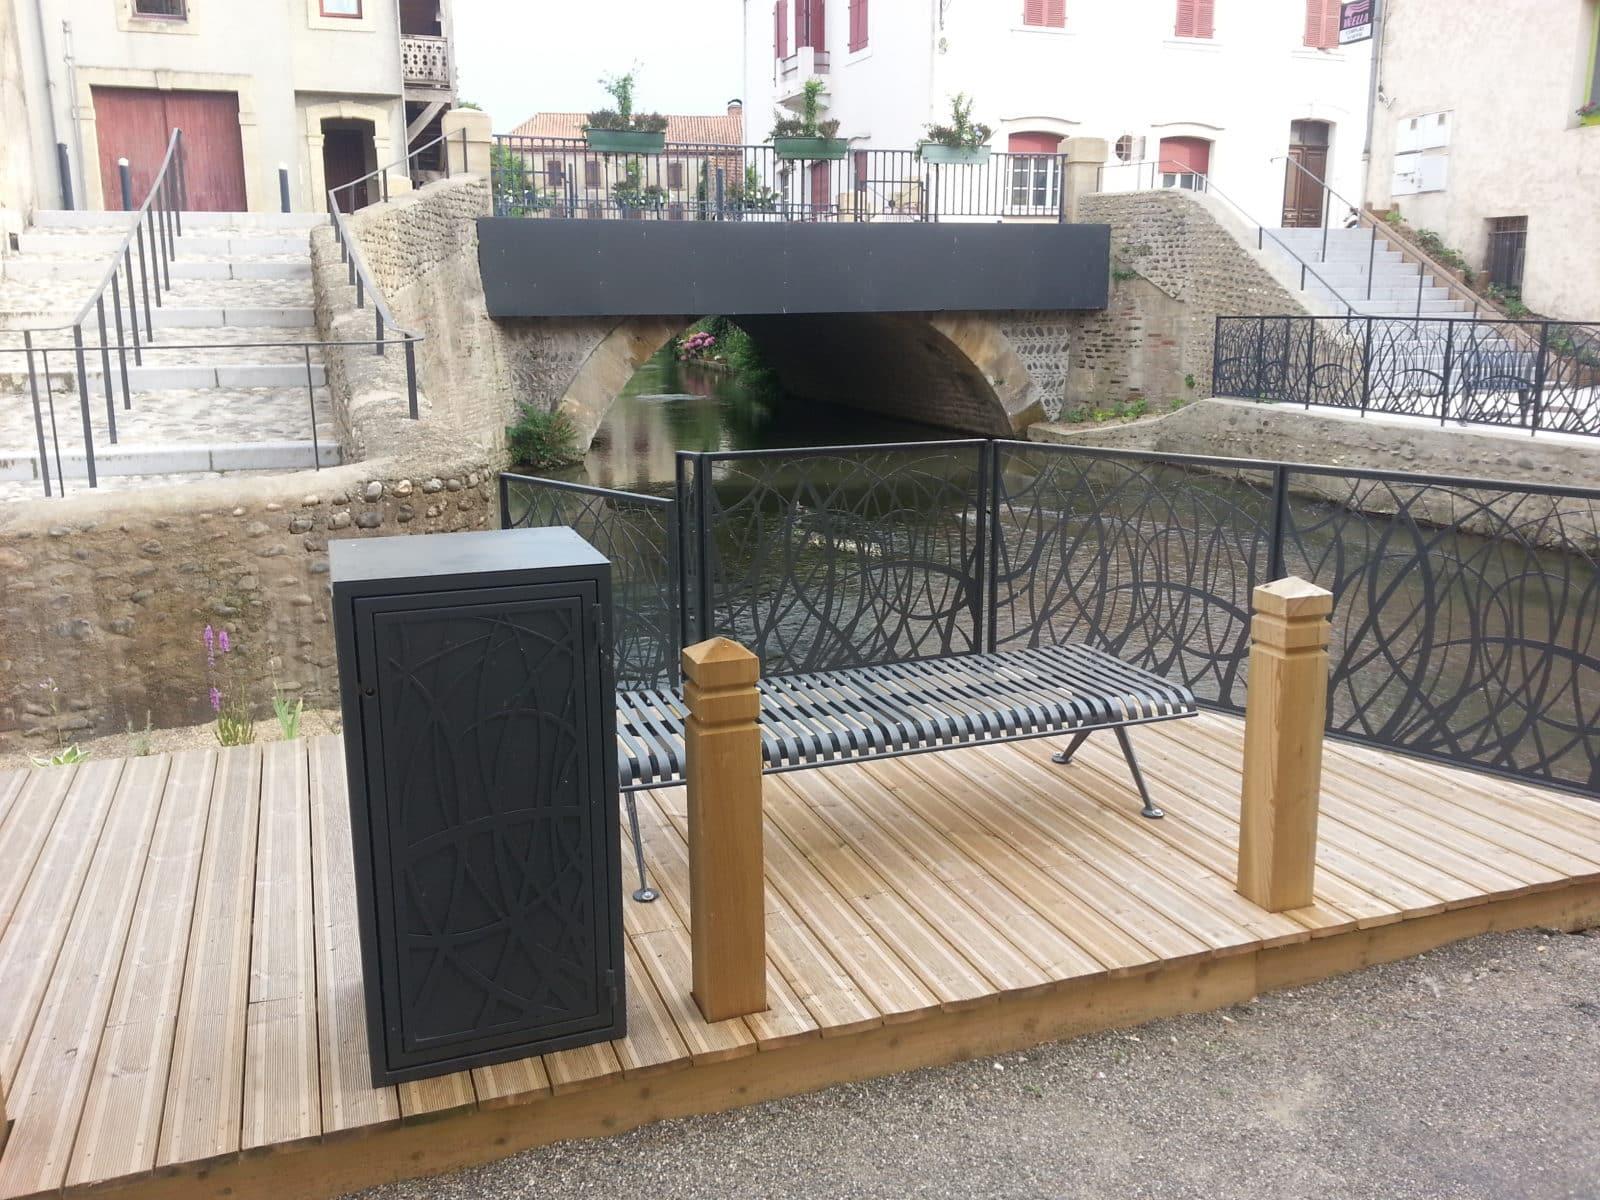 Bordure du canal